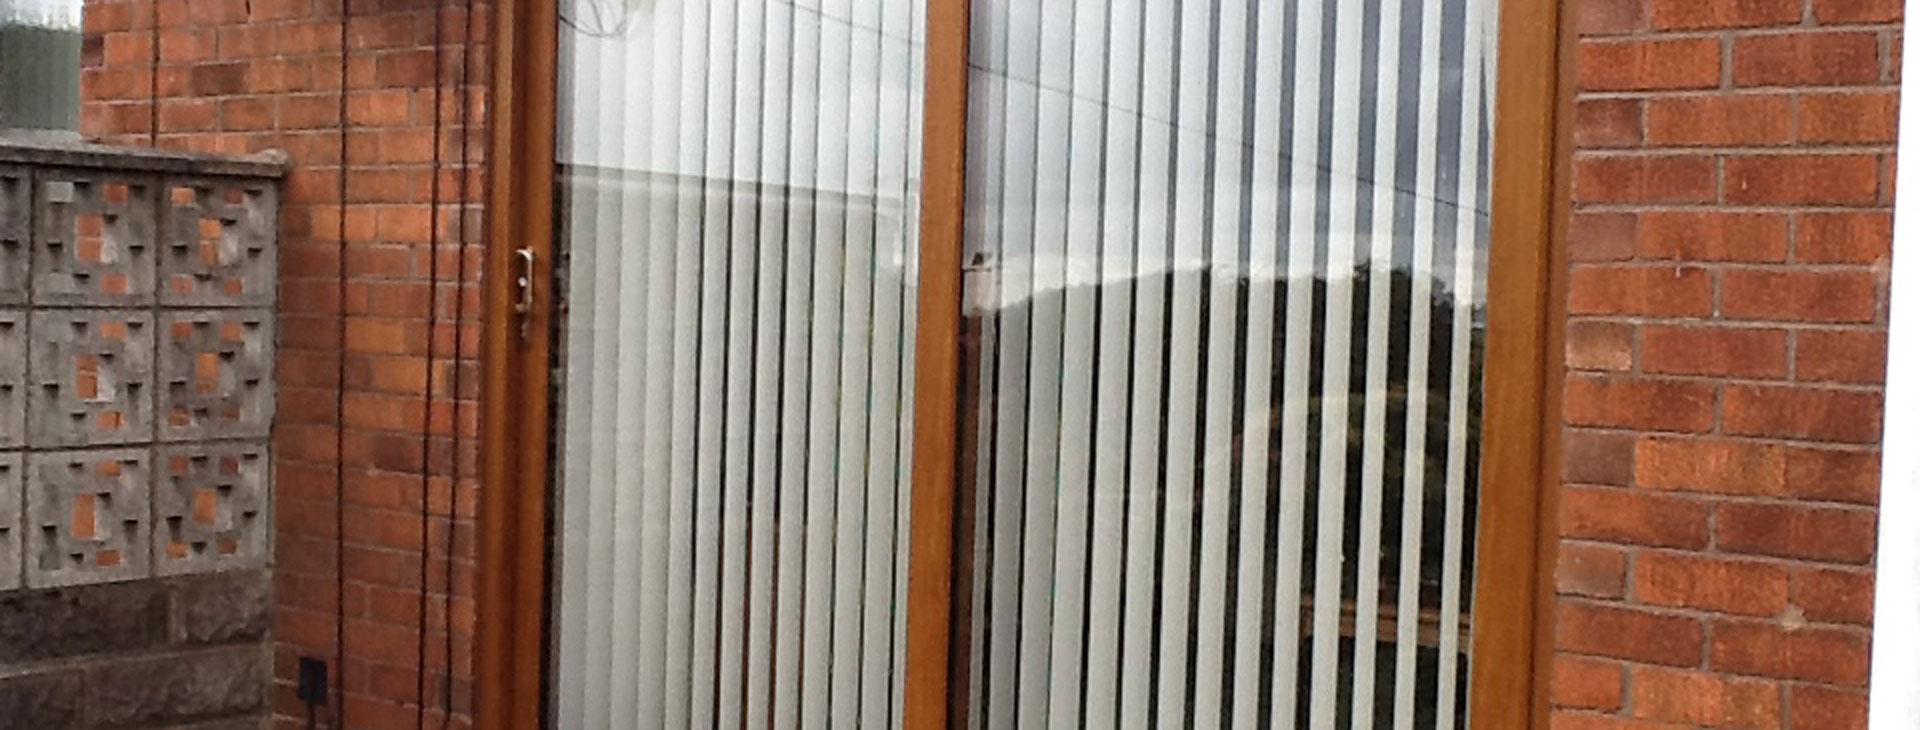 patiodoor4-1920x730